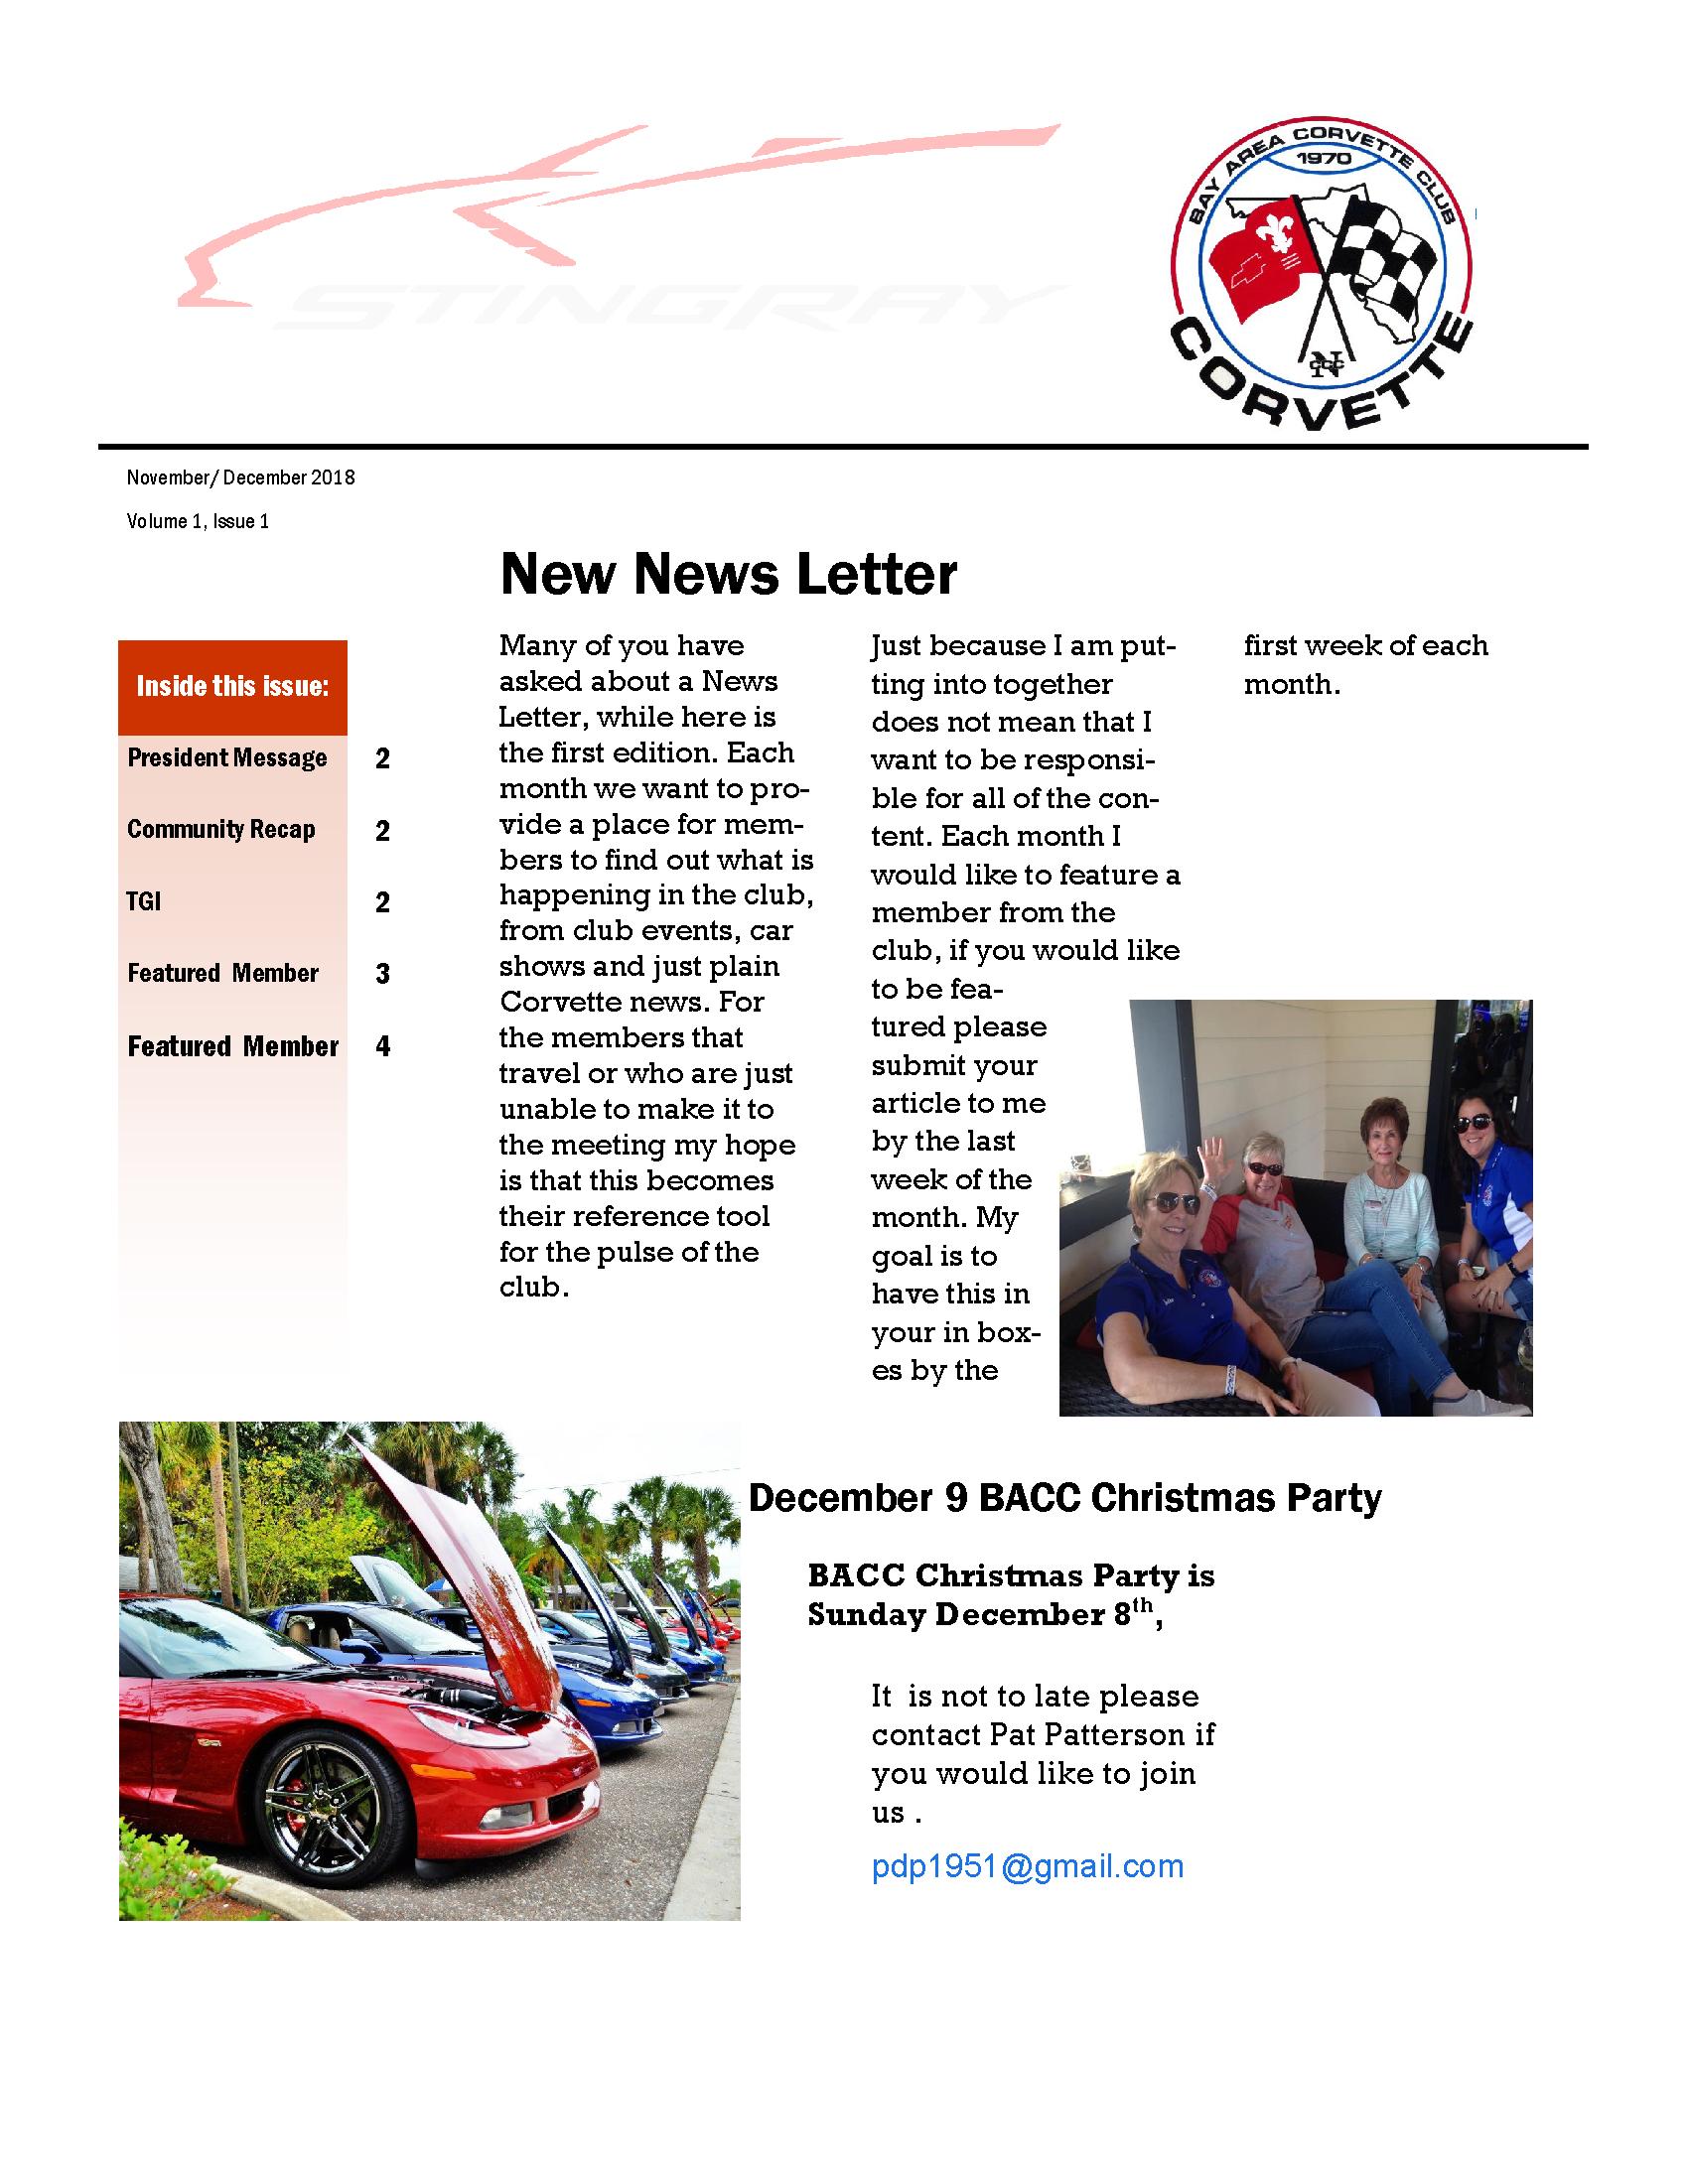 Newsletter: Volume 1, Issue 1